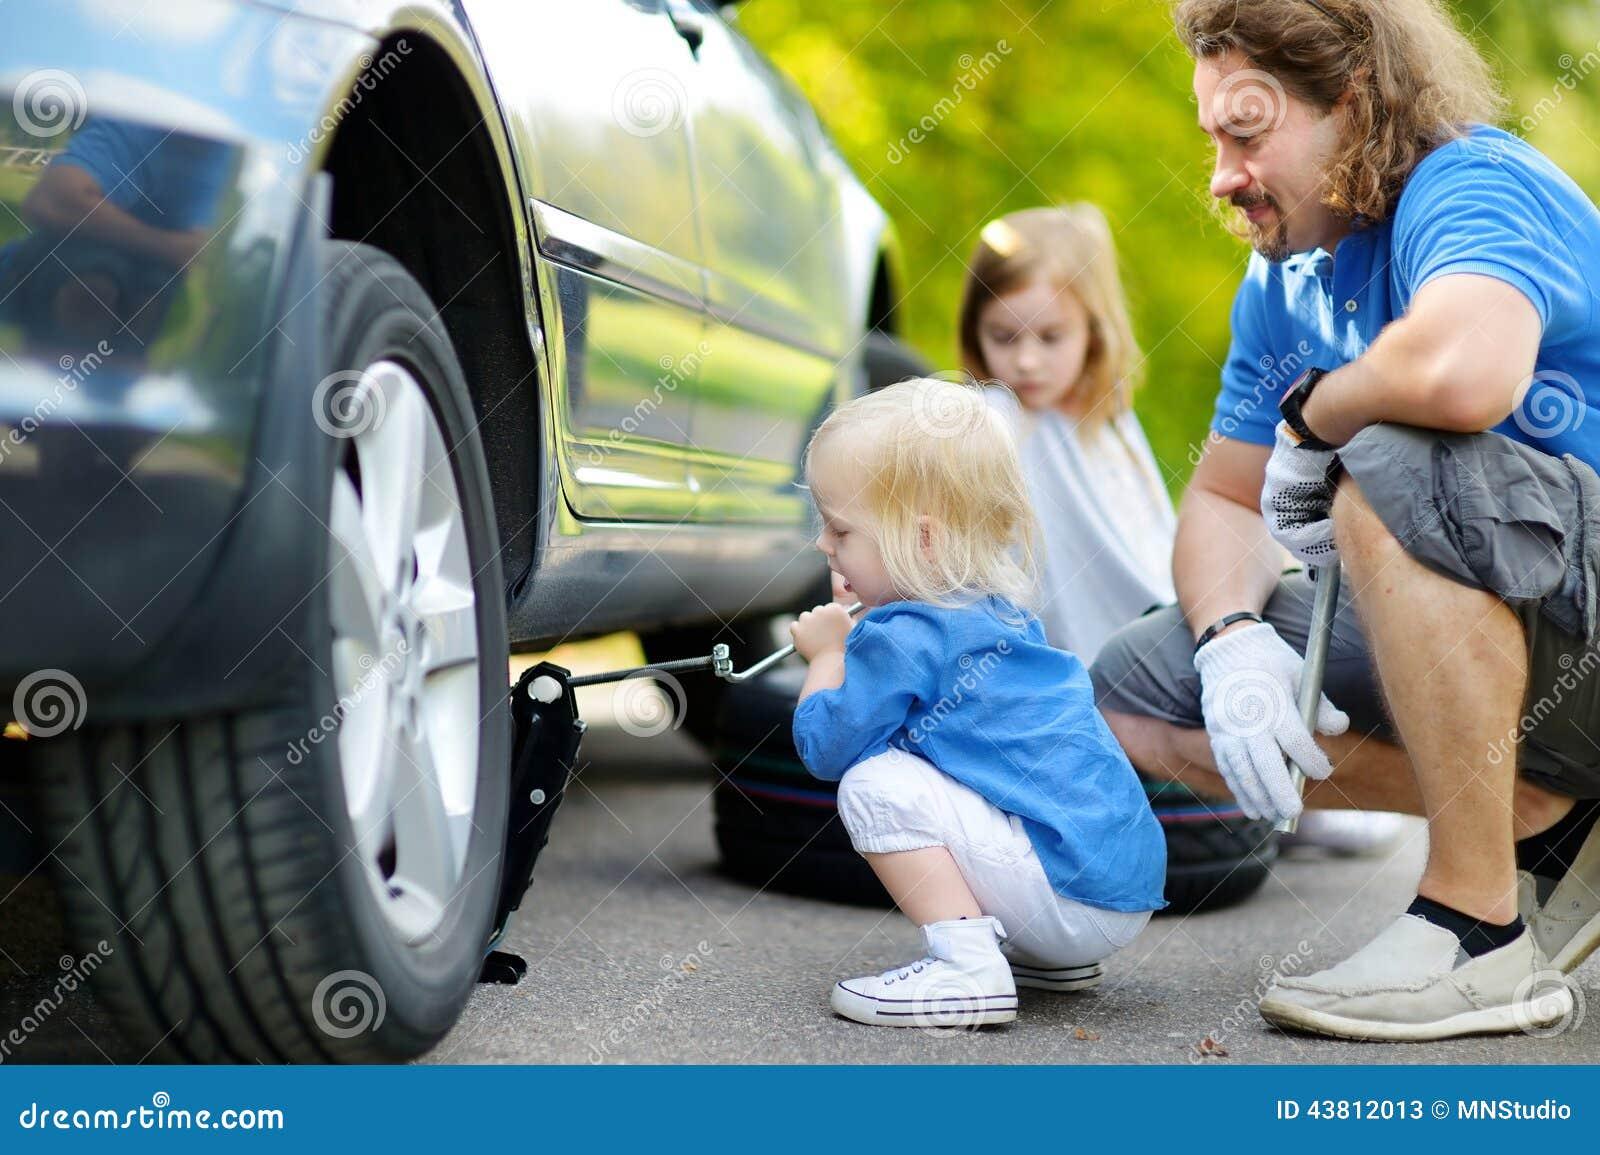 p re de aide de petite fille pour changer une roue de voiture. Black Bedroom Furniture Sets. Home Design Ideas